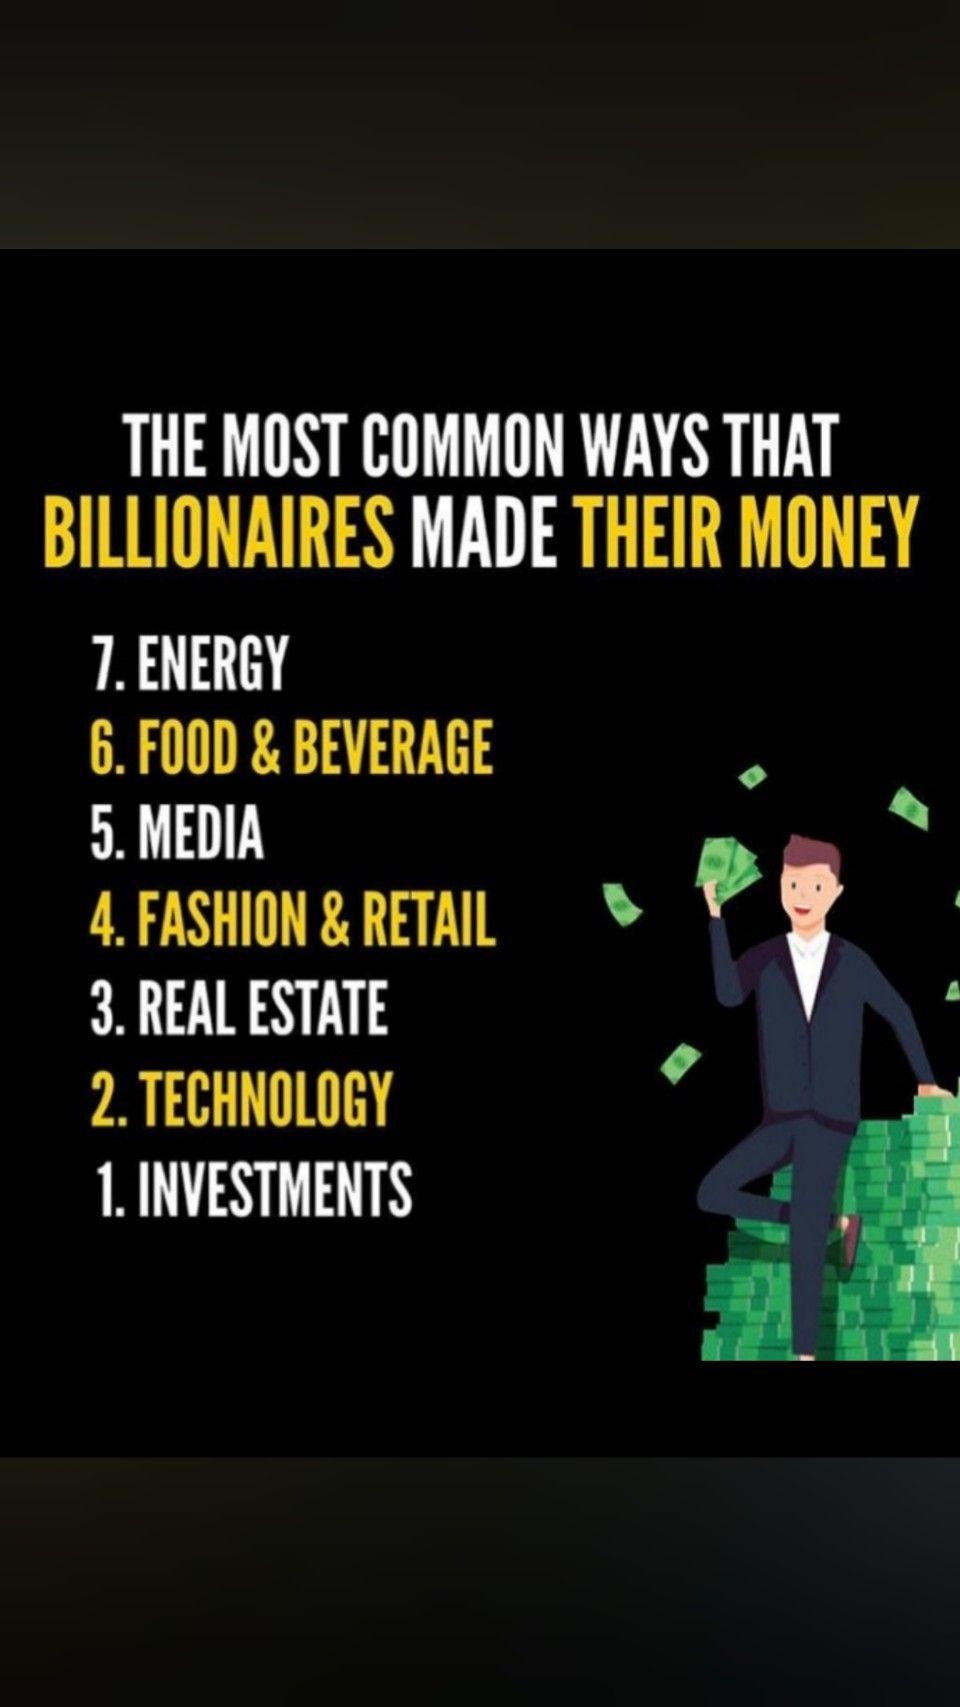 Photo of Top 7 und gängige Methoden, mit denen Milliardäre Geld verdienen